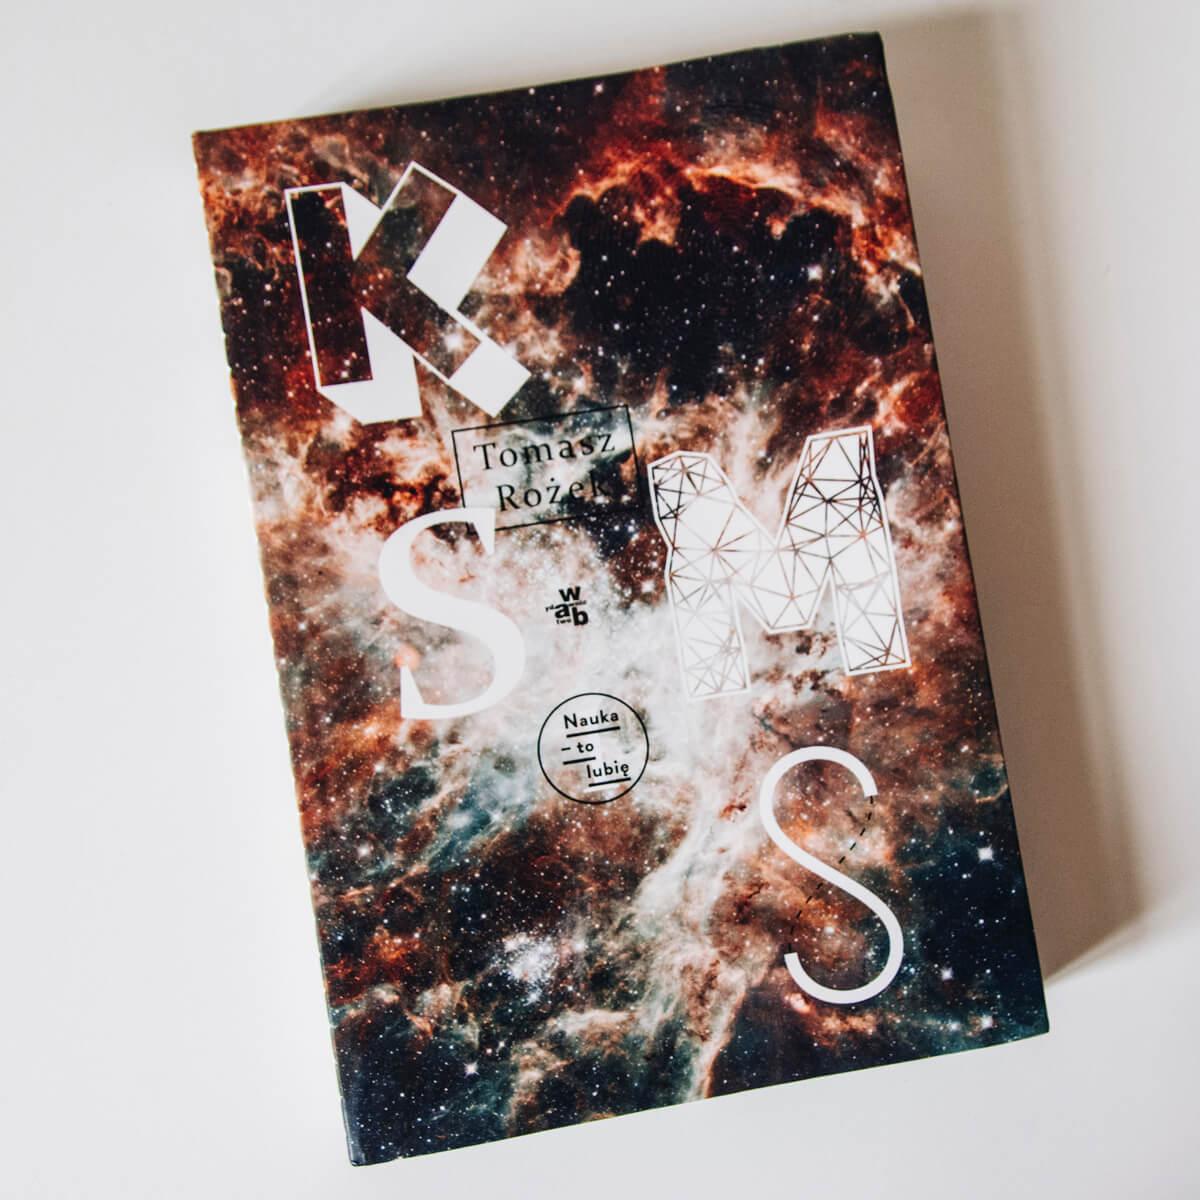 książka edukacyjna dla dzieci tomasz rożek kosmos